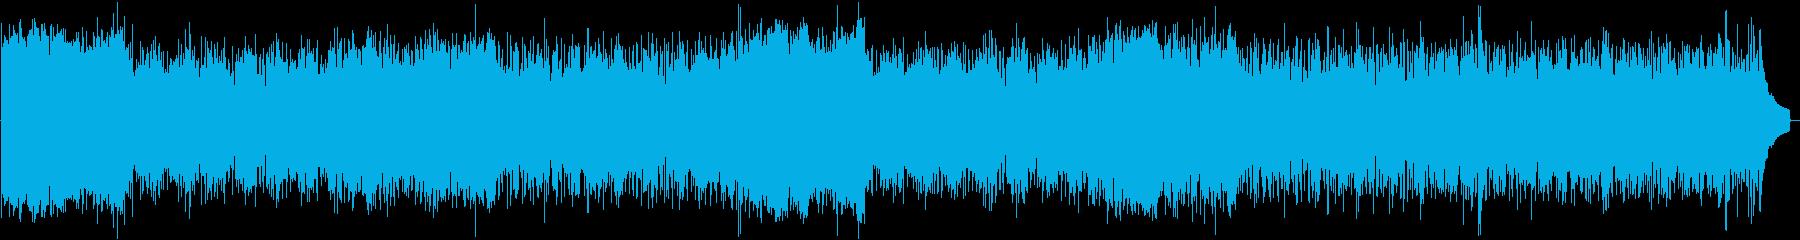 イタリア郊外風の3拍子BGMメロ抜き版の再生済みの波形